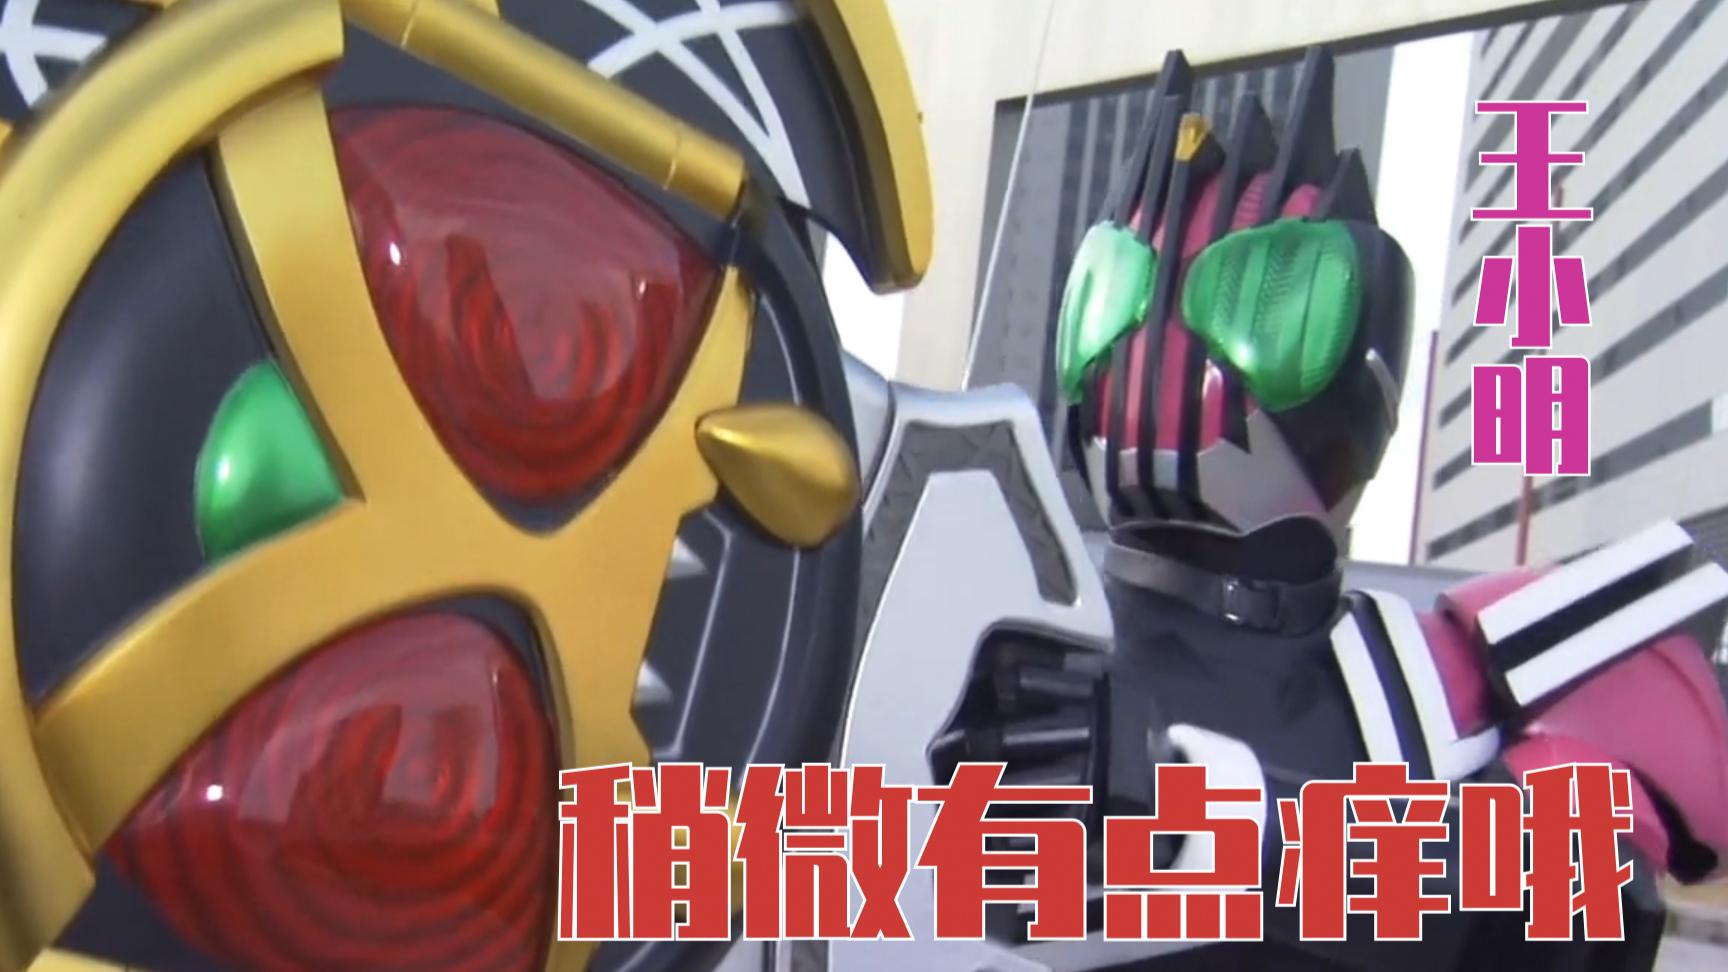 【假面骑士Decade】王小明稍微有点痒合集(平成时间线正序)